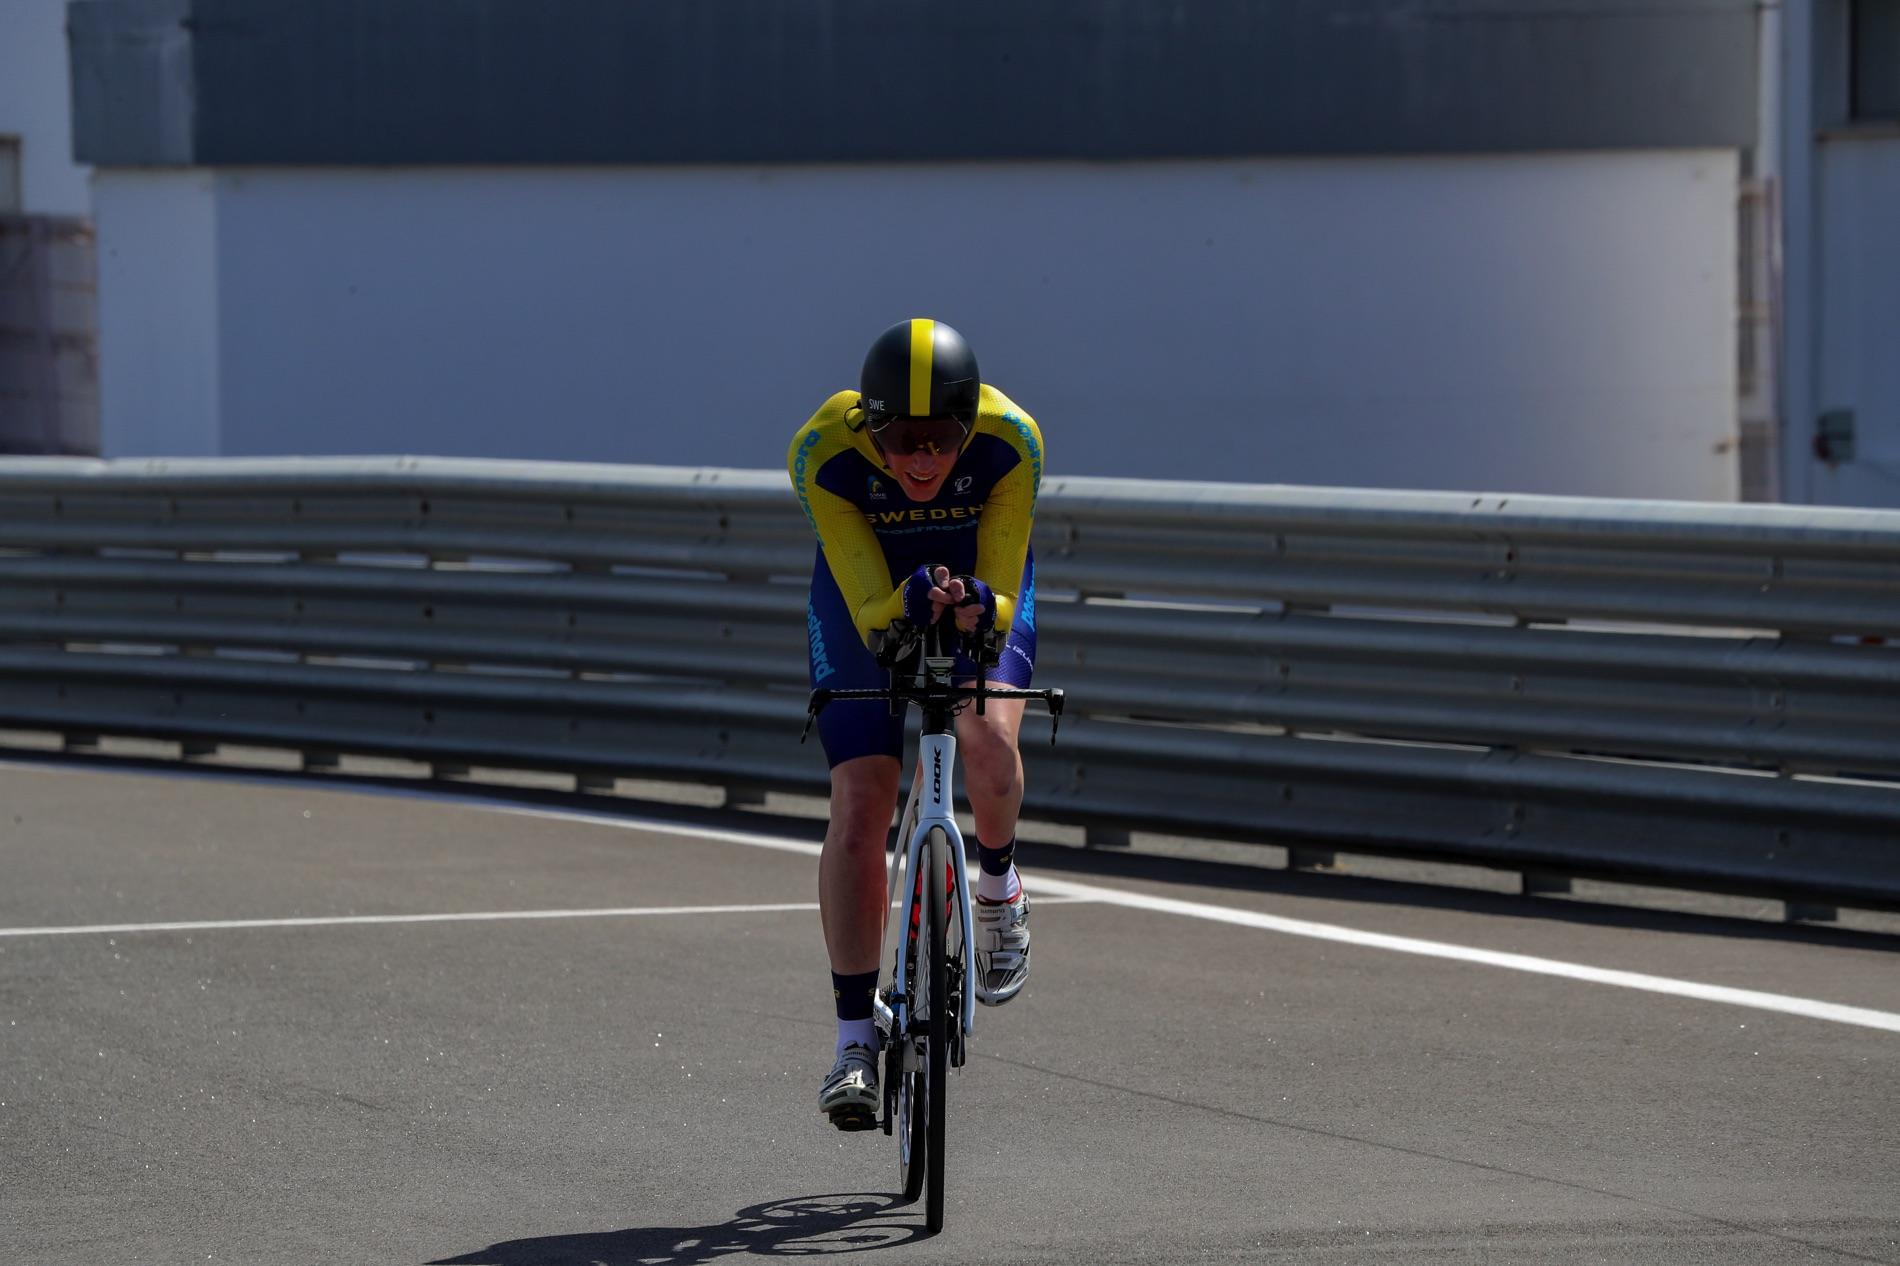 Tävlingscyklisten Daniel Strandberg på en landsväg.